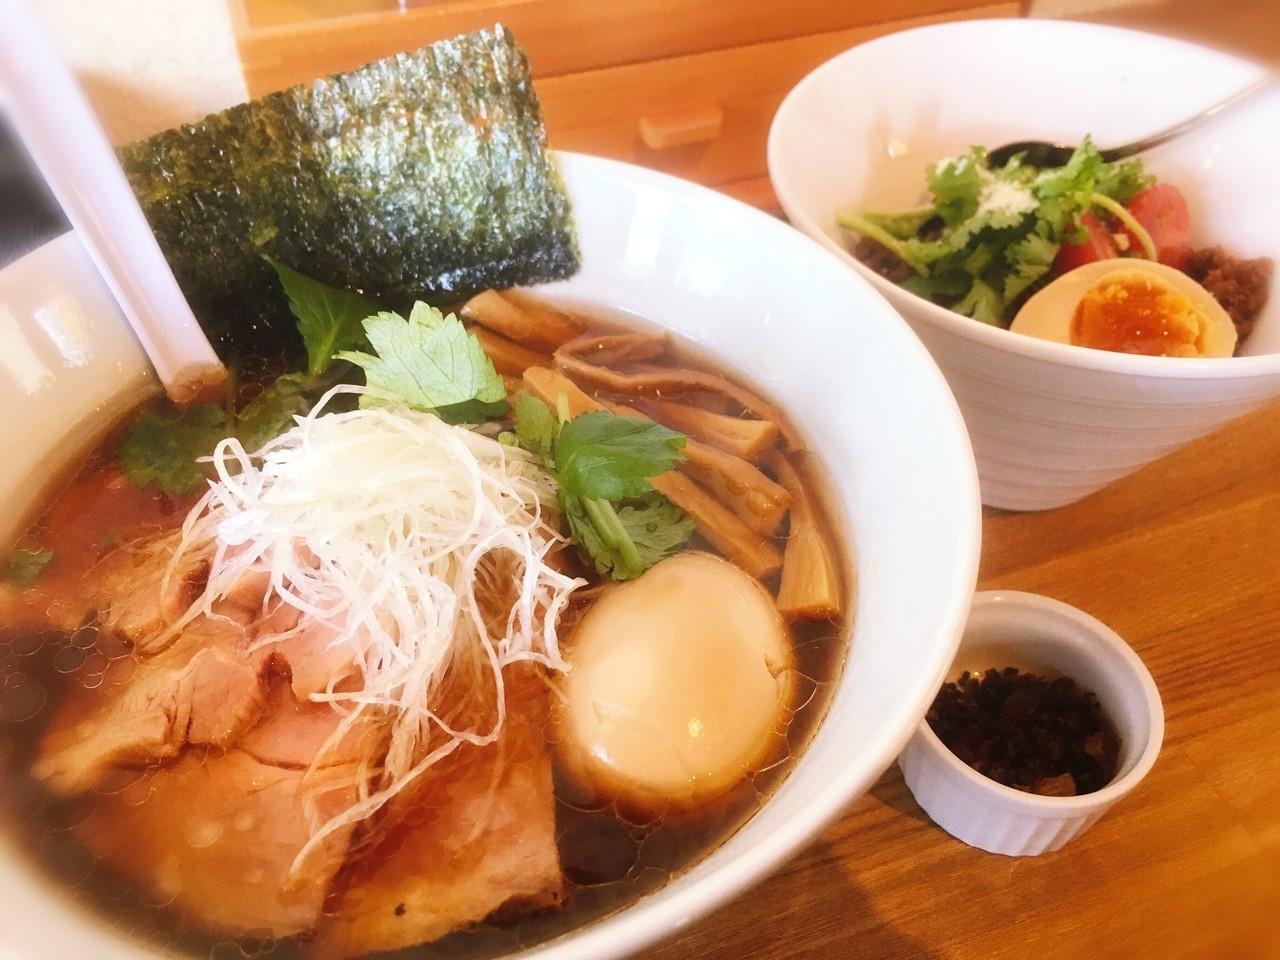 湖麺屋 Reel CafeのURL1